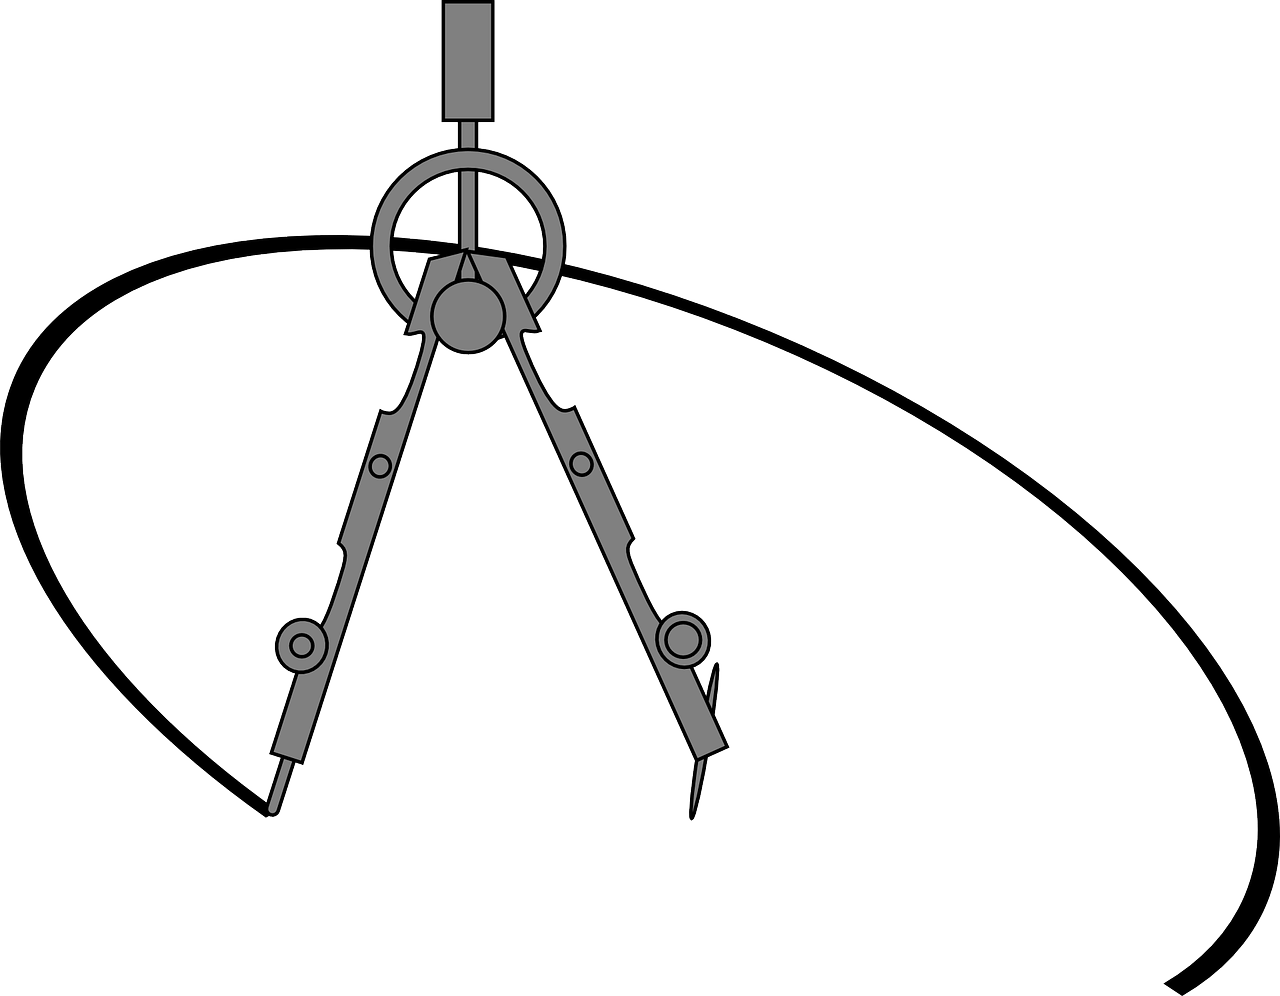 Compas para dibujo técnico